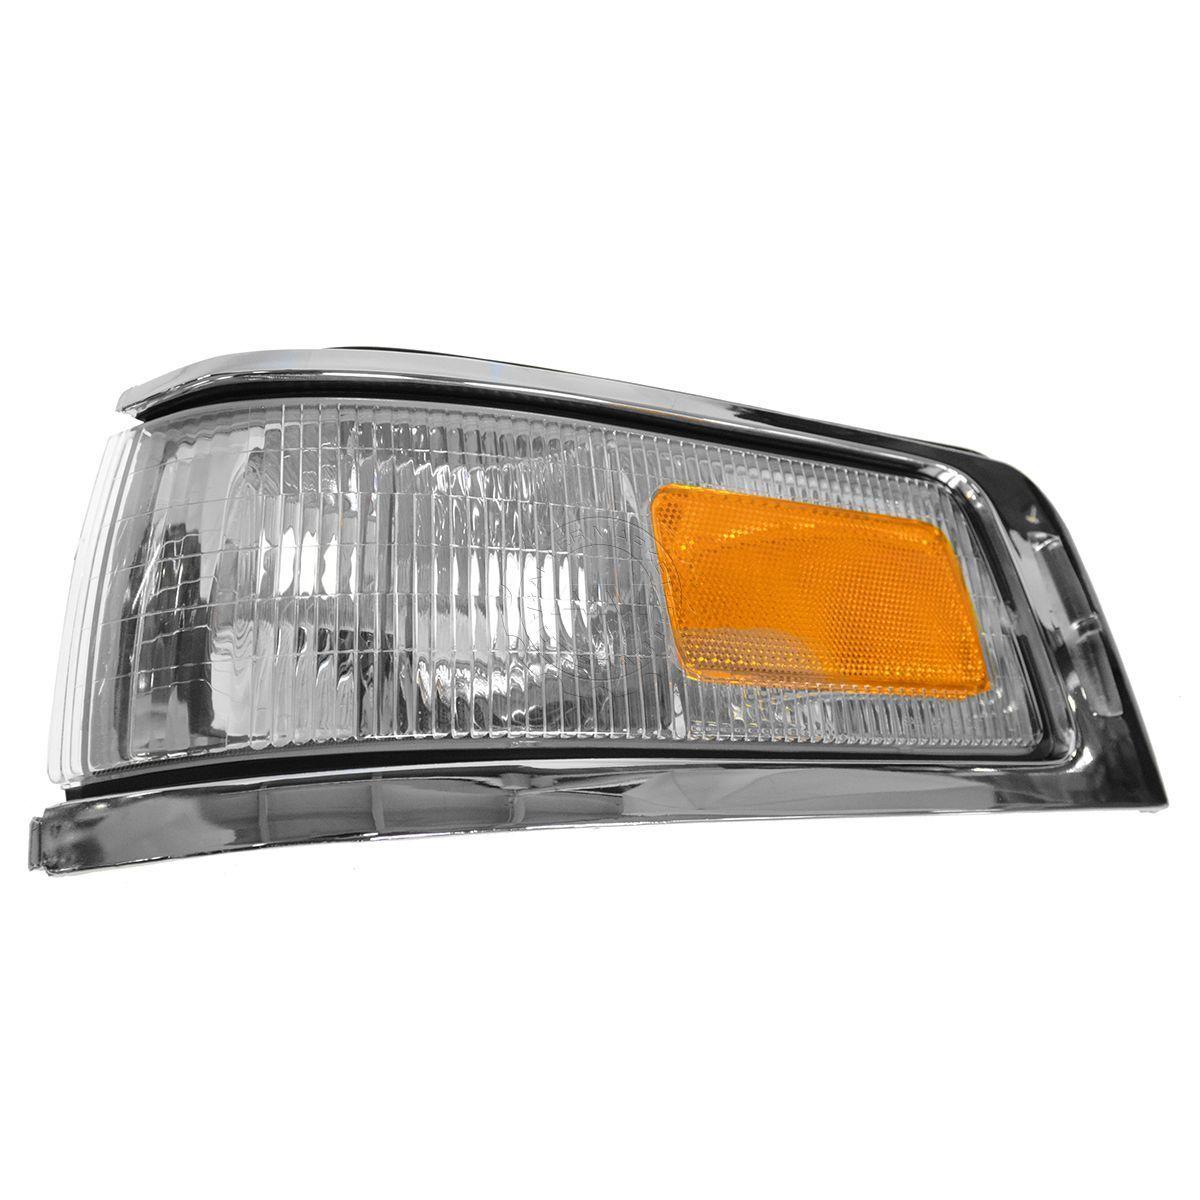 コーナーライト Corner Parking Signal Marker Blinker Light Left LH Driver for 95-97 Town Car 95-97のタウンカー用コーナーパーキングシグナルマーカーブリンカライトLHドライバ